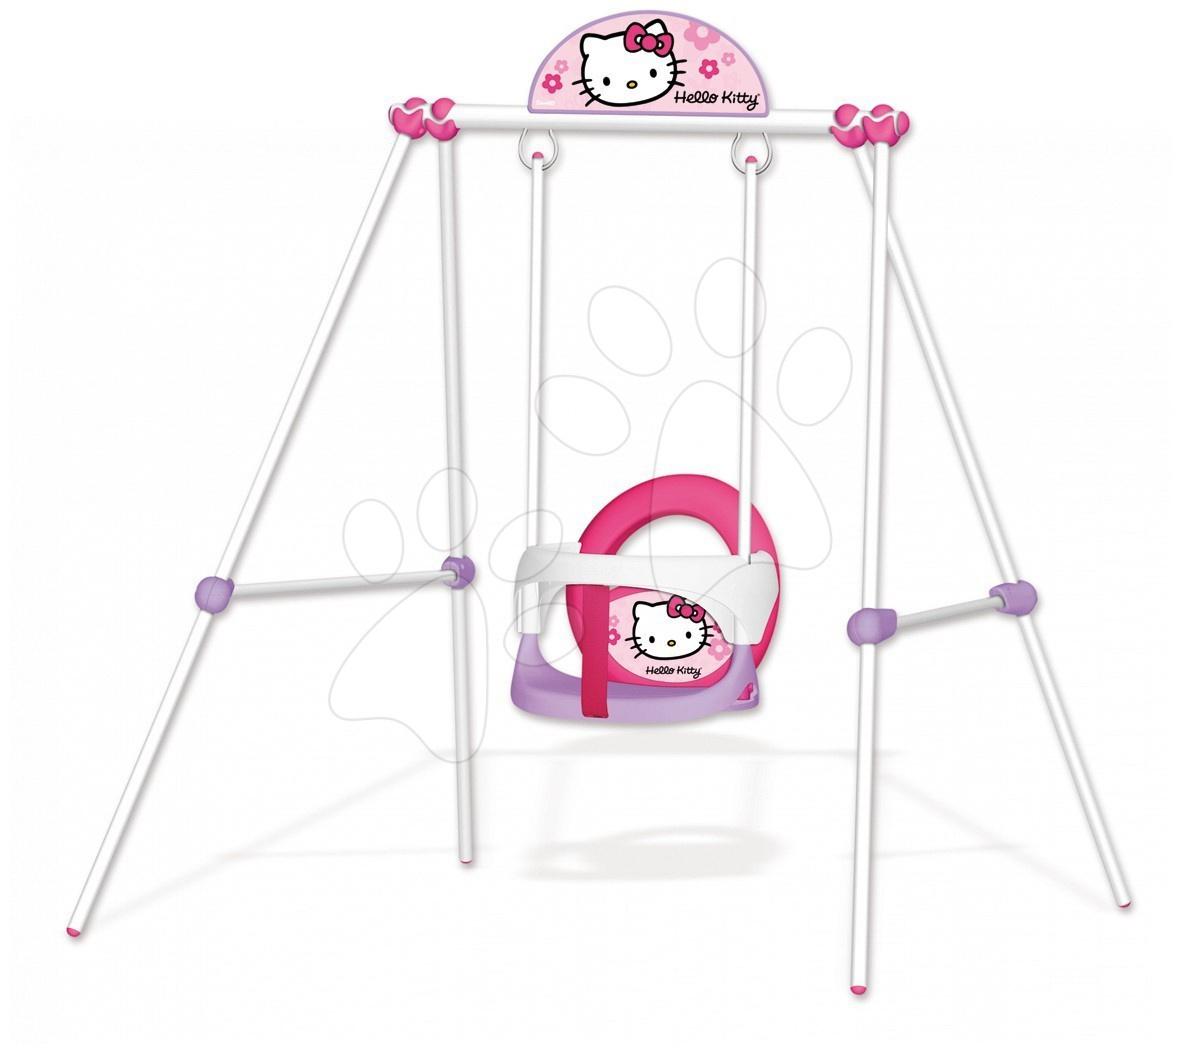 Dětské houpačky - Houpačka Hello Kitty Portique Baby Smoby kovová od 6 měsíců